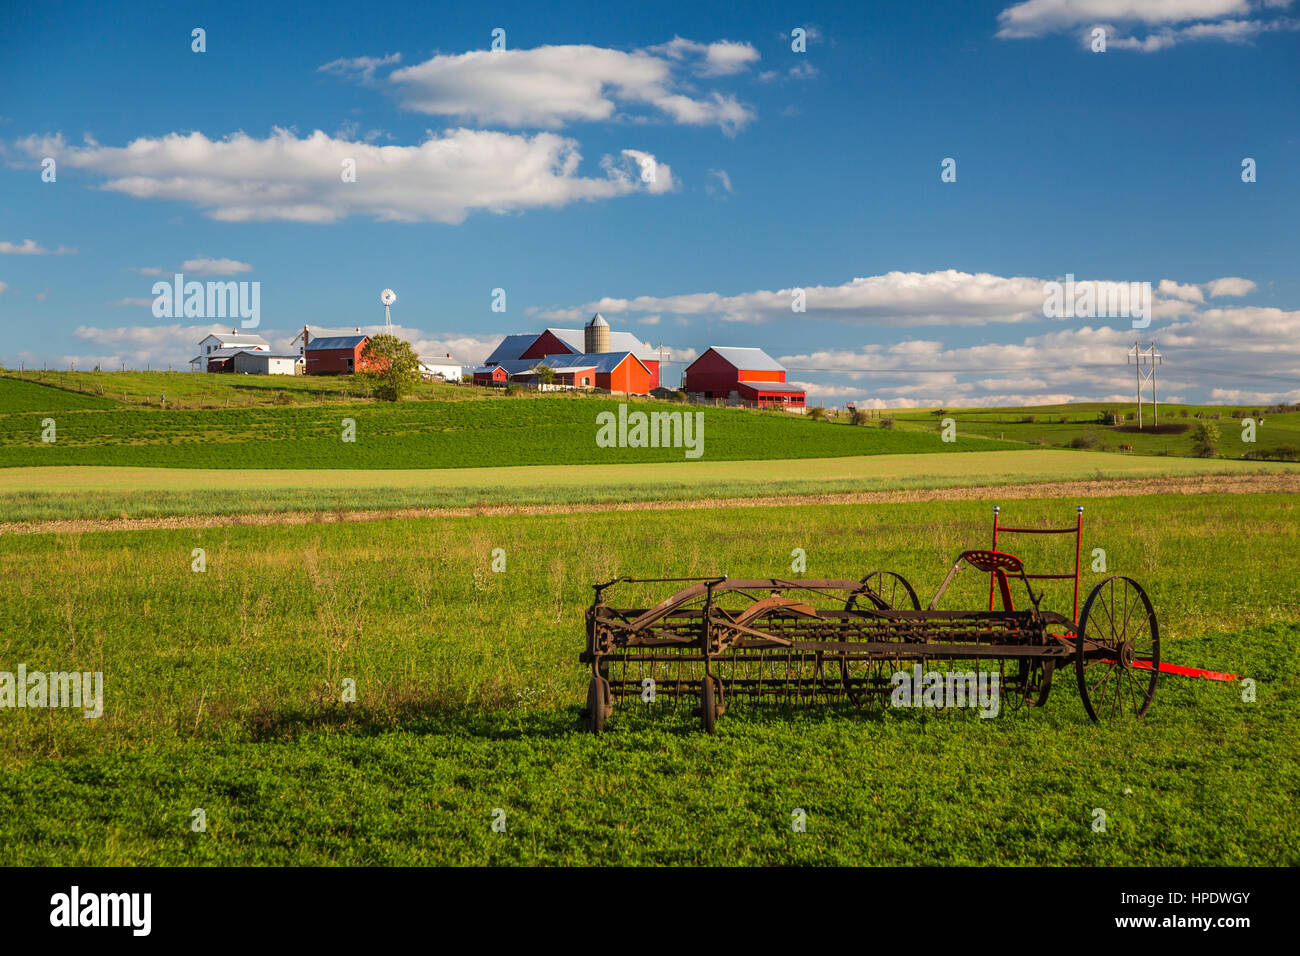 Una fattoria Amish in campagna vicino a Kidron, Ohio, Stati Uniti d'America. Immagini Stock